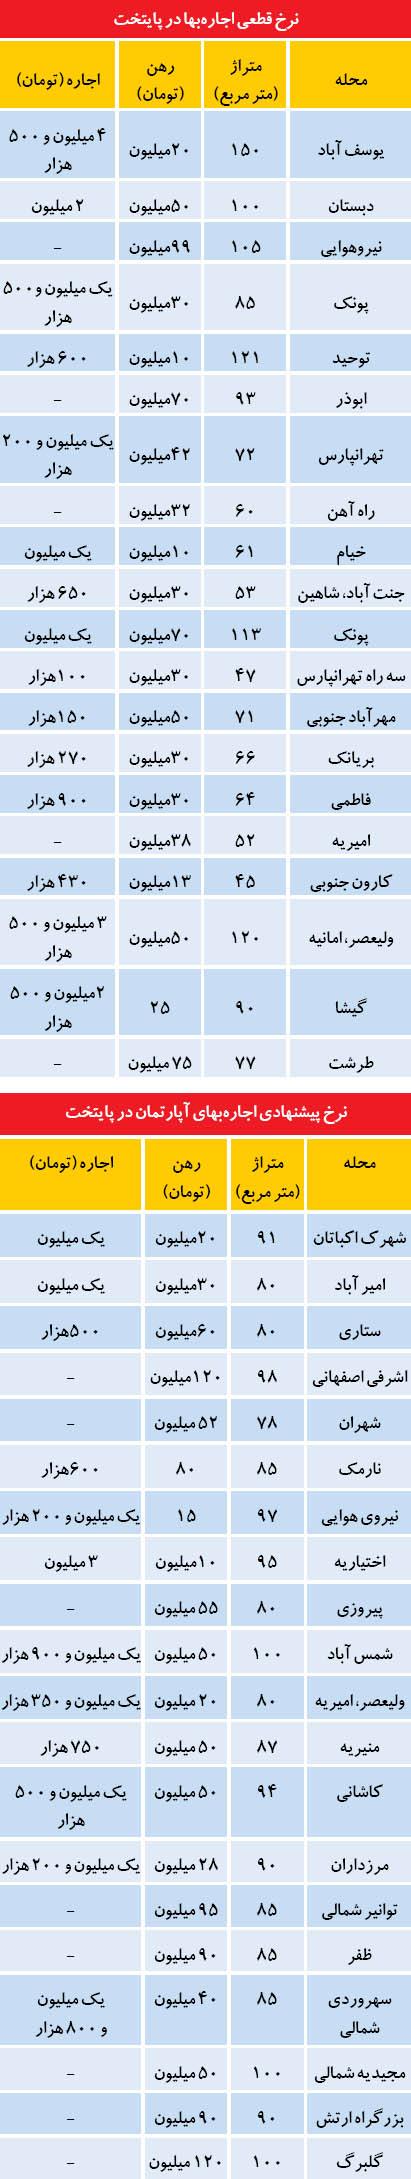 رهن و اجاره در بازار مسکن تهران (جدول)